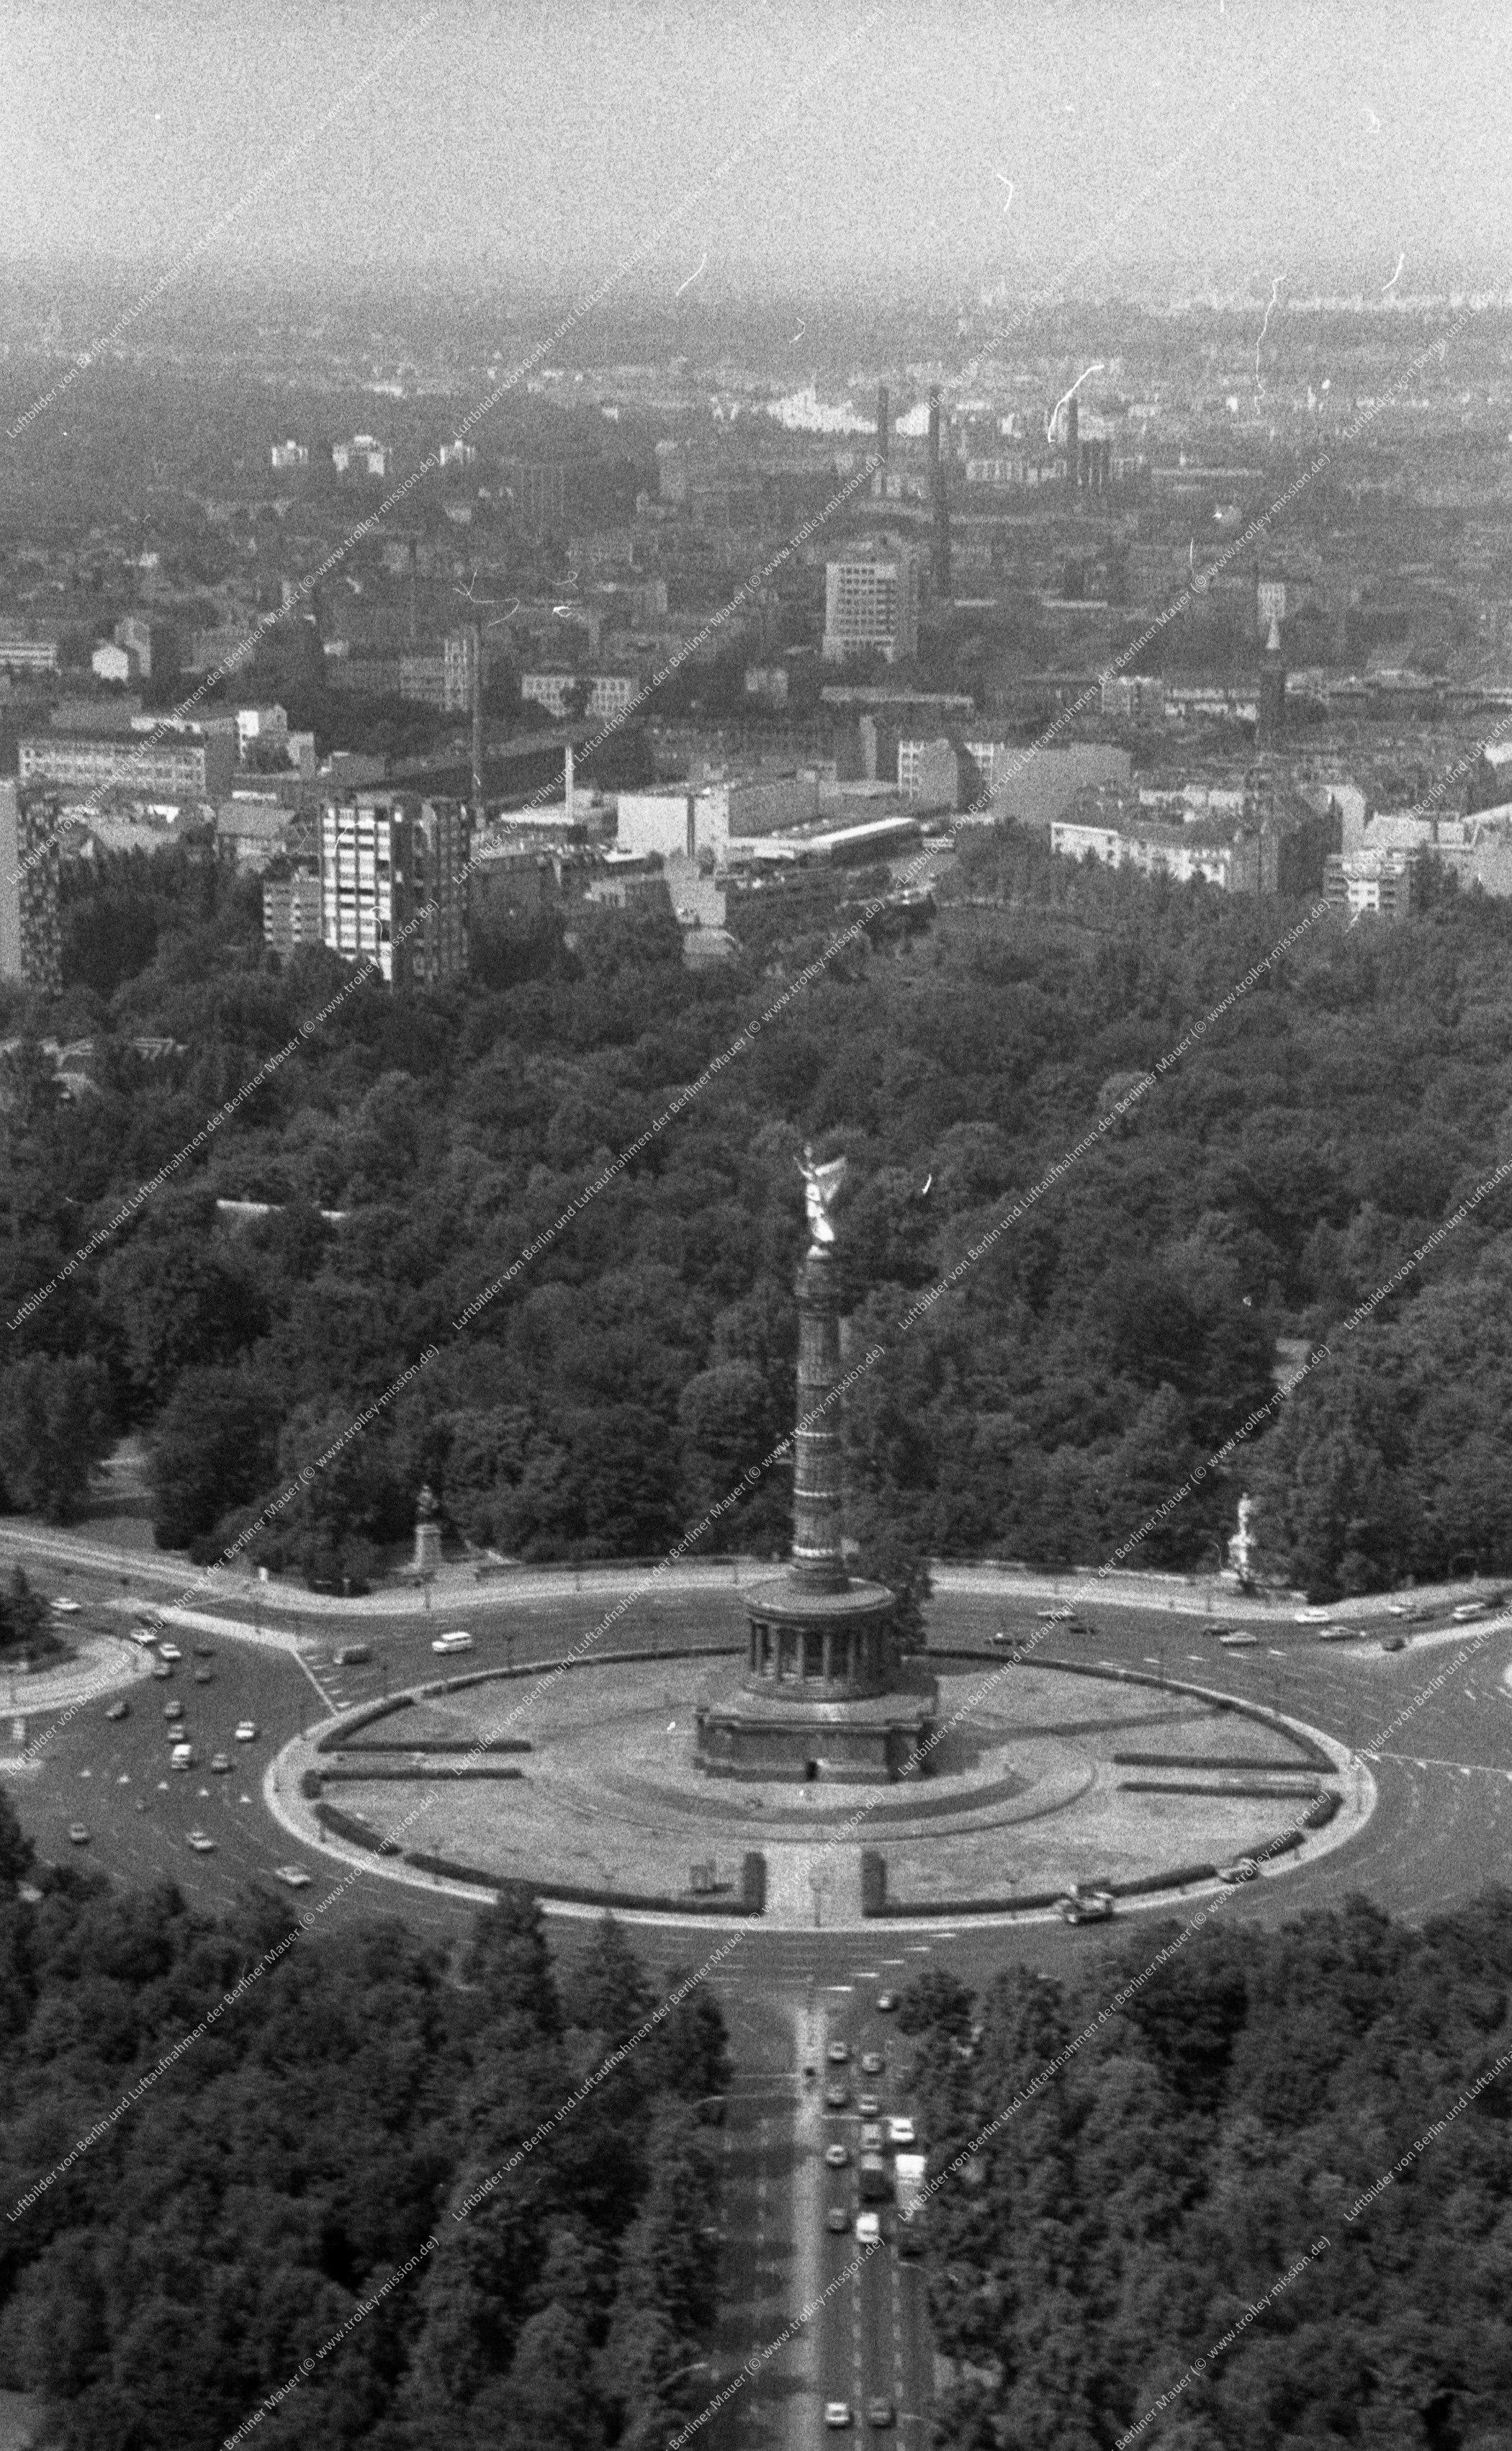 Berlin Luftbild Siegessäule am Großen Stern vom 9. März 1982 (Bild 051)